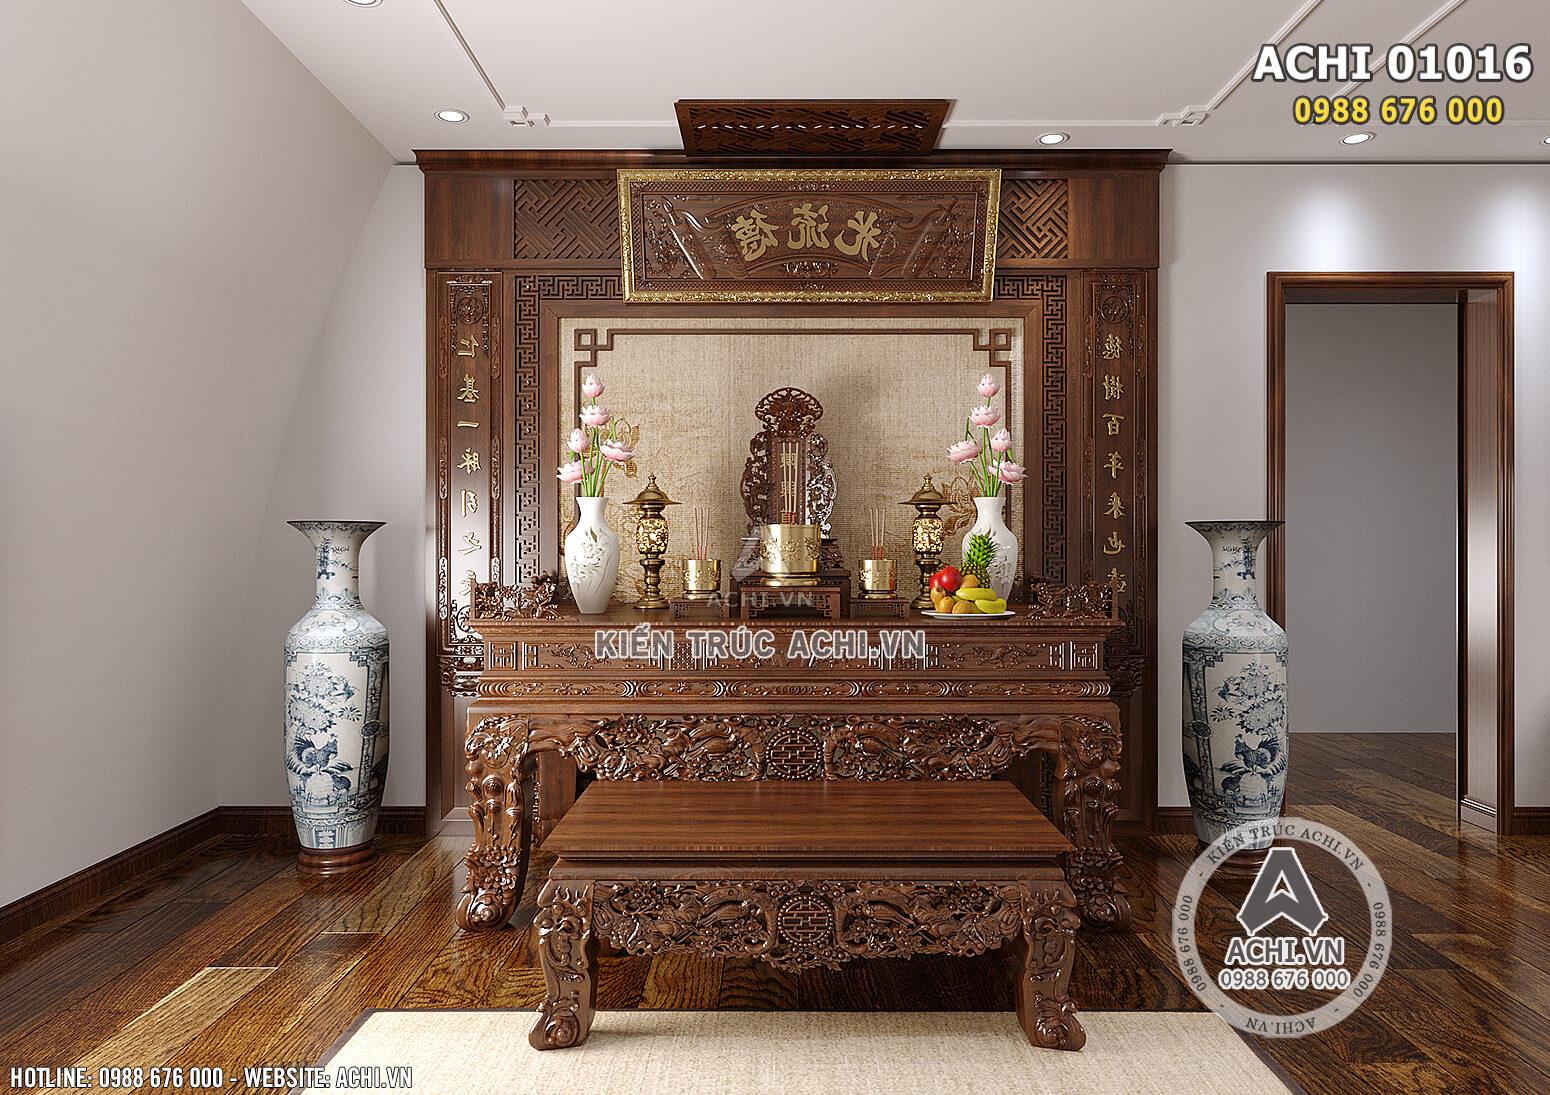 Hình ảnh: Thiết kế nội thất tân cổ điển cho không gian phòng ngủ cho phòng thờ - ACHI 01016